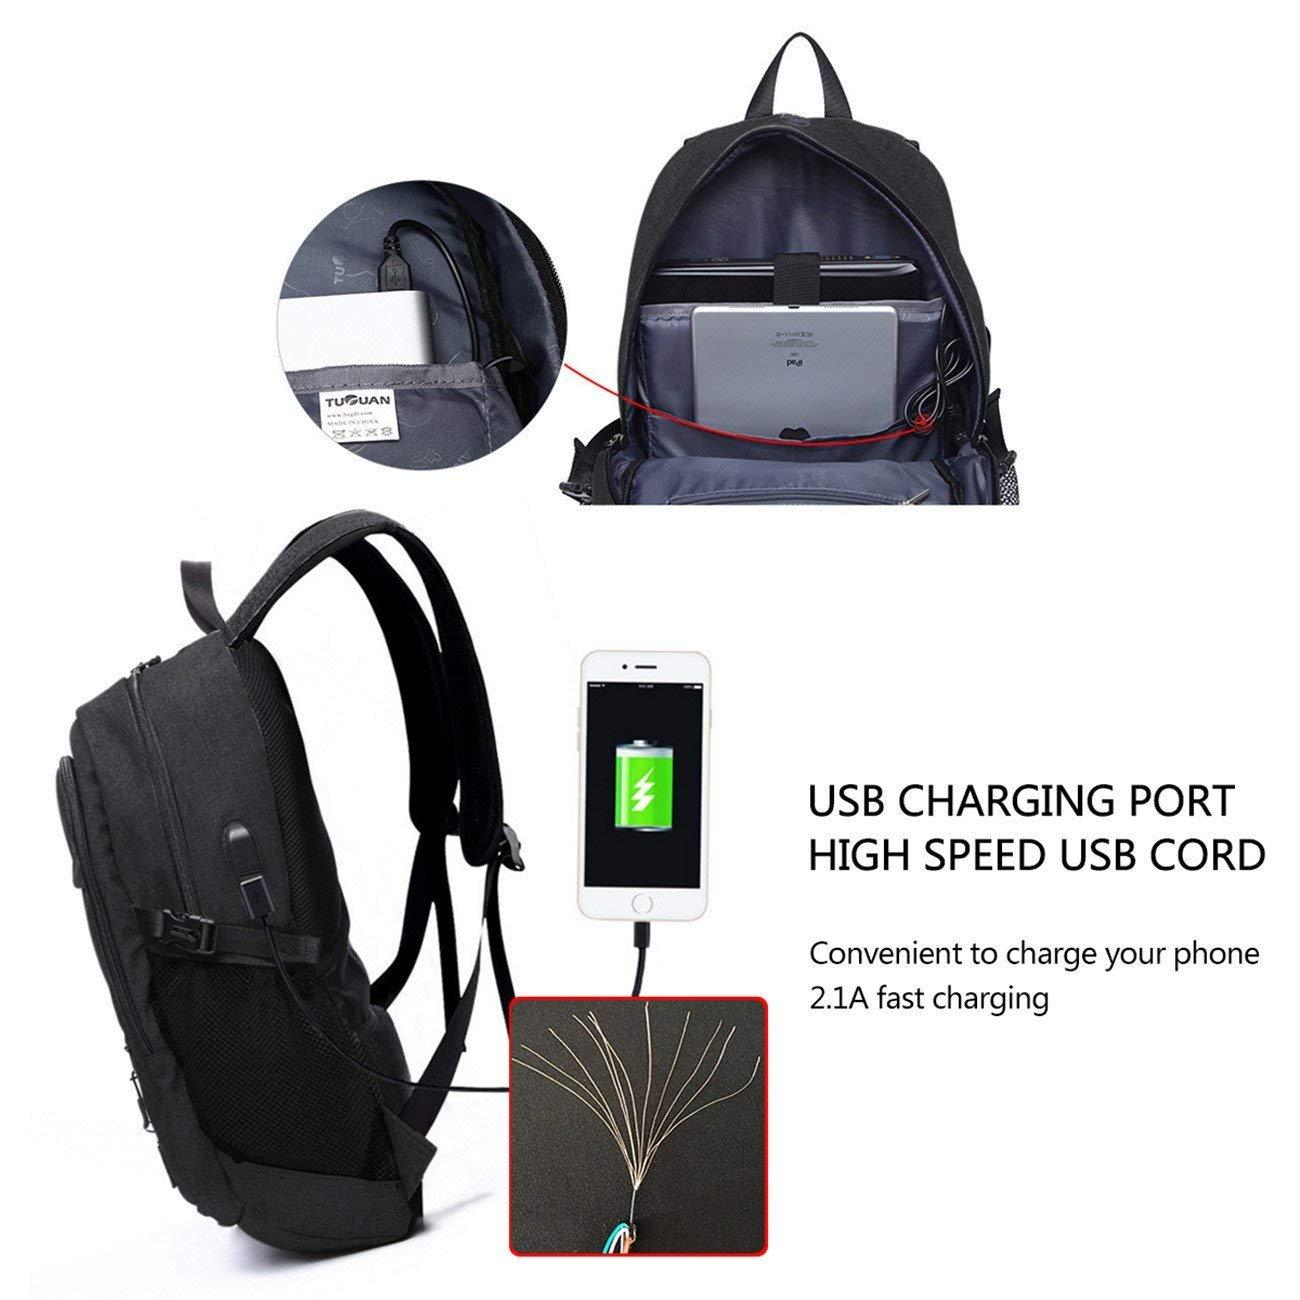 Chrislley Anti Diebstahl Laptop Rucksack mit USB Ladeanschluss 15 6 Zoll Wasserdicht für Business Travel Outdoor Wandern School für Frauen Männer (Grau)